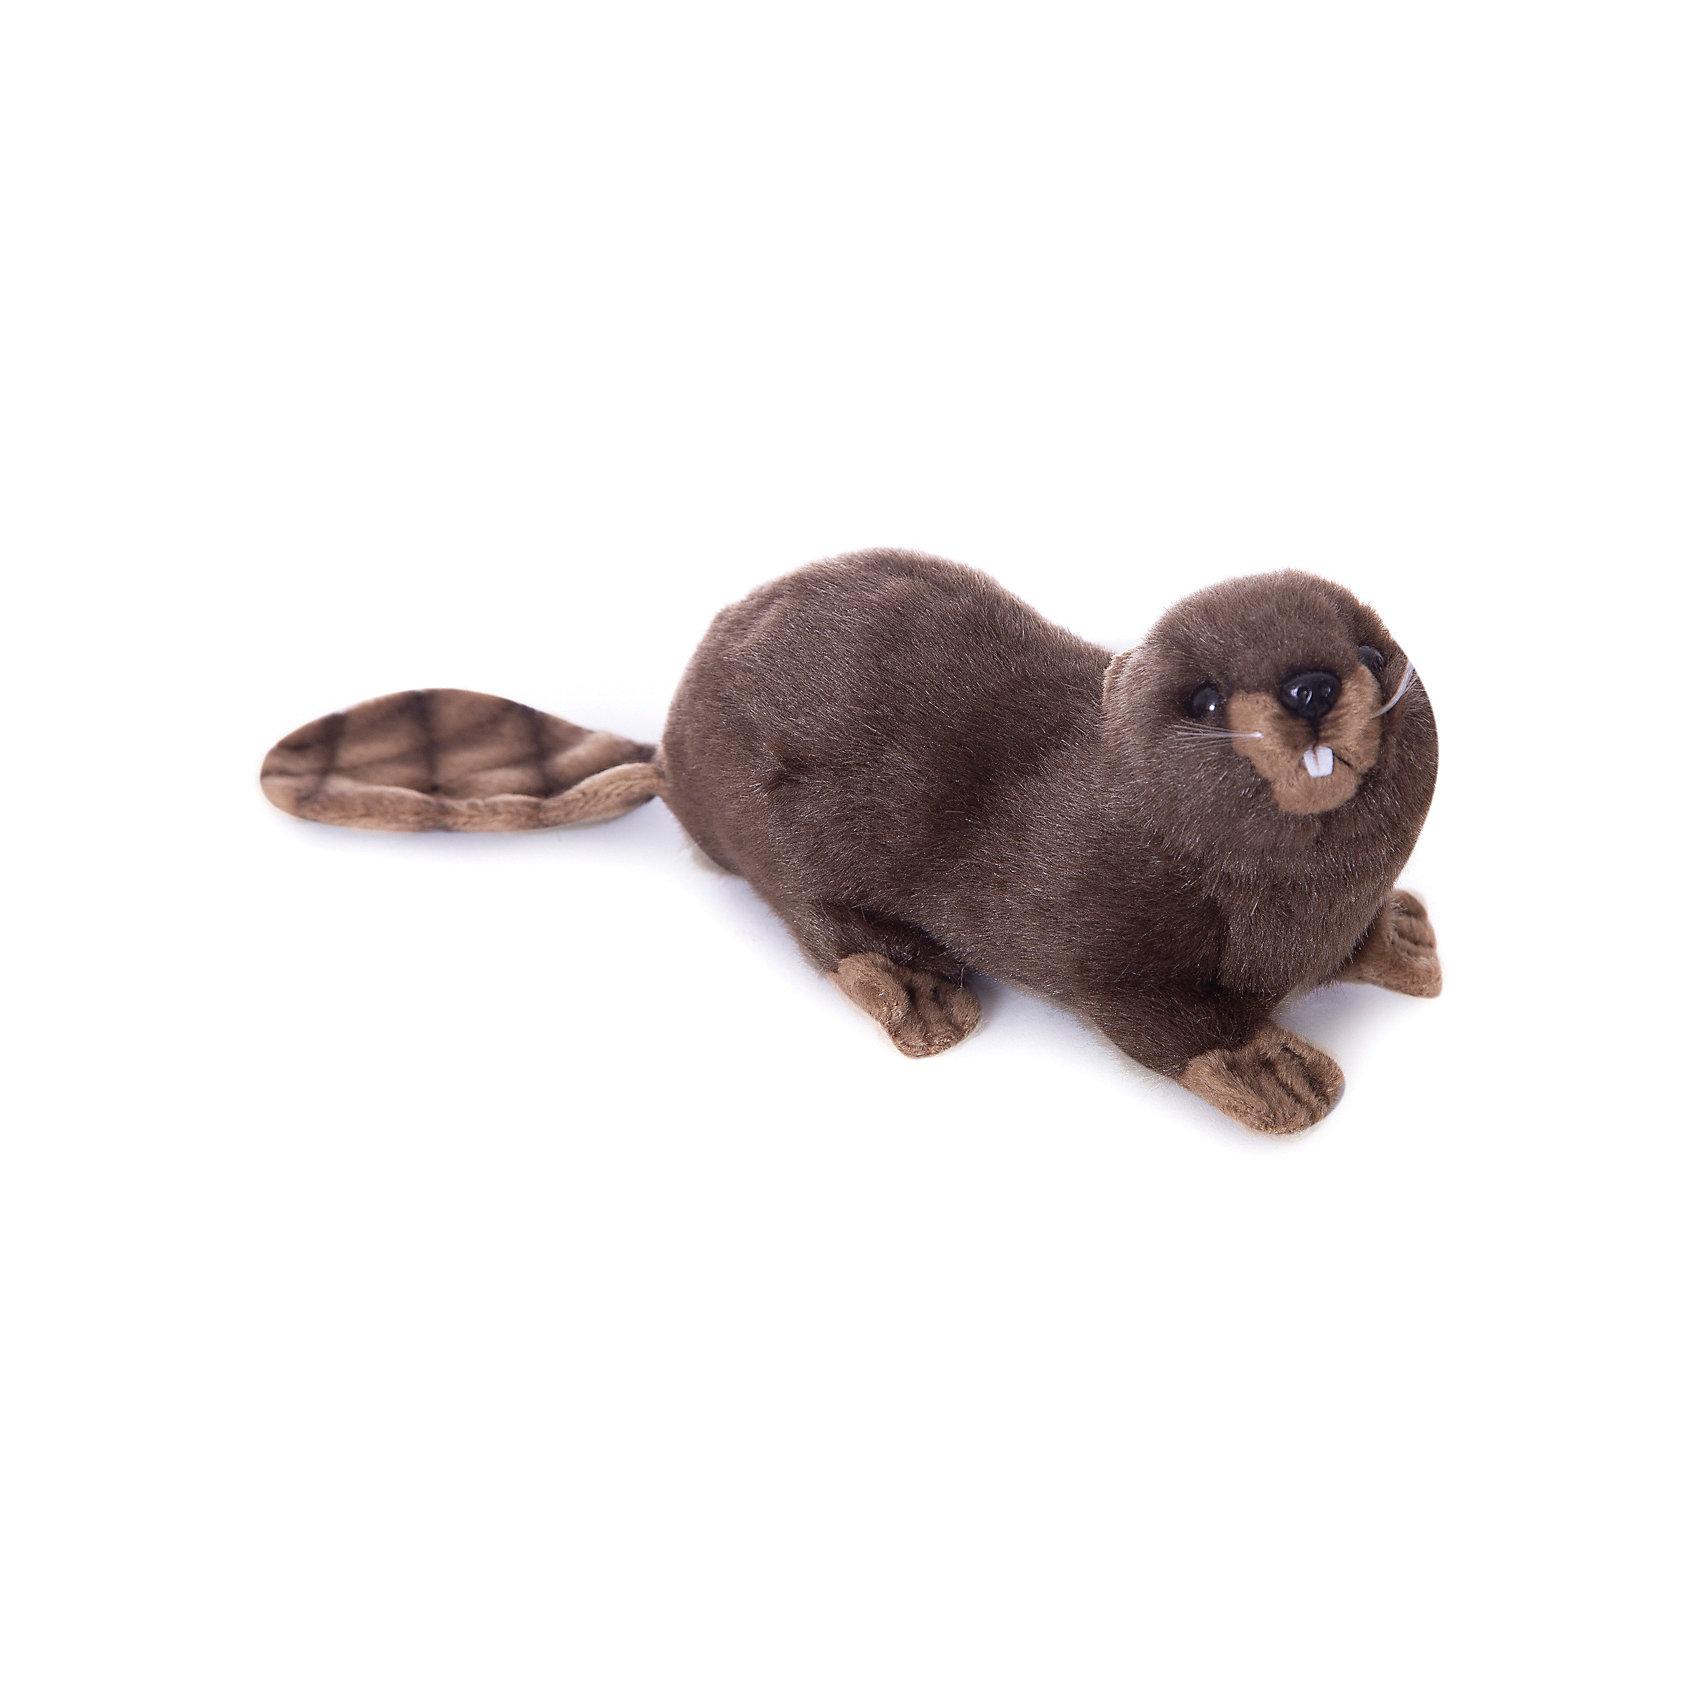 Мягкая игрушка Hansa Бобёр, 20 смМягкие игрушки животные<br>Характеристики товара:<br><br>• возраст: от 3 лет;<br>• материал: искусственный мех;<br>• длина игрушки: 20 см;<br>• размер упаковки: 20х10х11 см;<br>• вес упаковки: 70 гр.;<br>• страна производитель: Филиппины.<br><br>Мягкая игрушка Бобер Hansa 20 см — очаровательный пушистый бобер с глазками-пуговками и маленькими лапками, который станет для ребенка любимым домашним питомцем. Игрушку можно брать с собой на прогулку, в детский садик, в гости и устраивать вместе с друзьями веселые игры. <br><br>Внутри проходит титановый каркас, который позволяет менять положение лап, туловища, поворачивать голову. Игрушка сделана из качественных безопасных материалов.<br><br>Мягкую игрушку Бобер Hansa 20 см можно приобрести в нашем интернет-магазине.<br><br>Ширина мм: 200<br>Глубина мм: 100<br>Высота мм: 110<br>Вес г: 70<br>Возраст от месяцев: 36<br>Возраст до месяцев: 2147483647<br>Пол: Унисекс<br>Возраст: Детский<br>SKU: 6680729